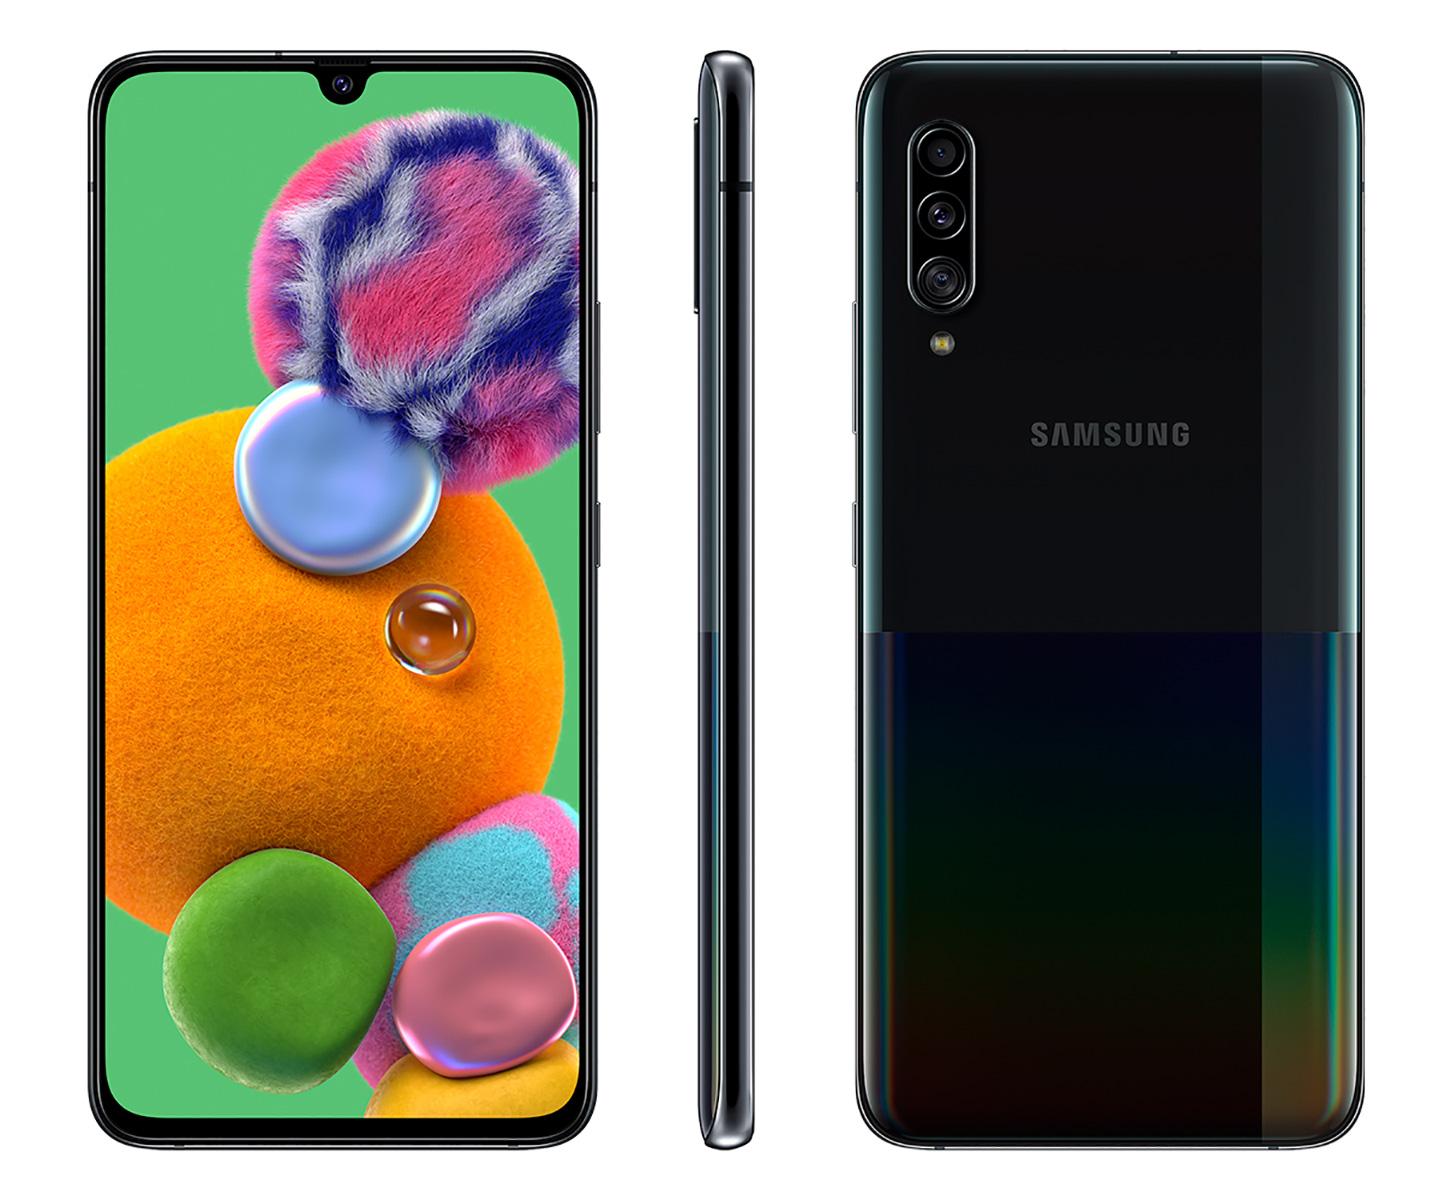 Samsung Galaxy Официальный A90 5G с Snapdragon 855 и батареей 4500mAh